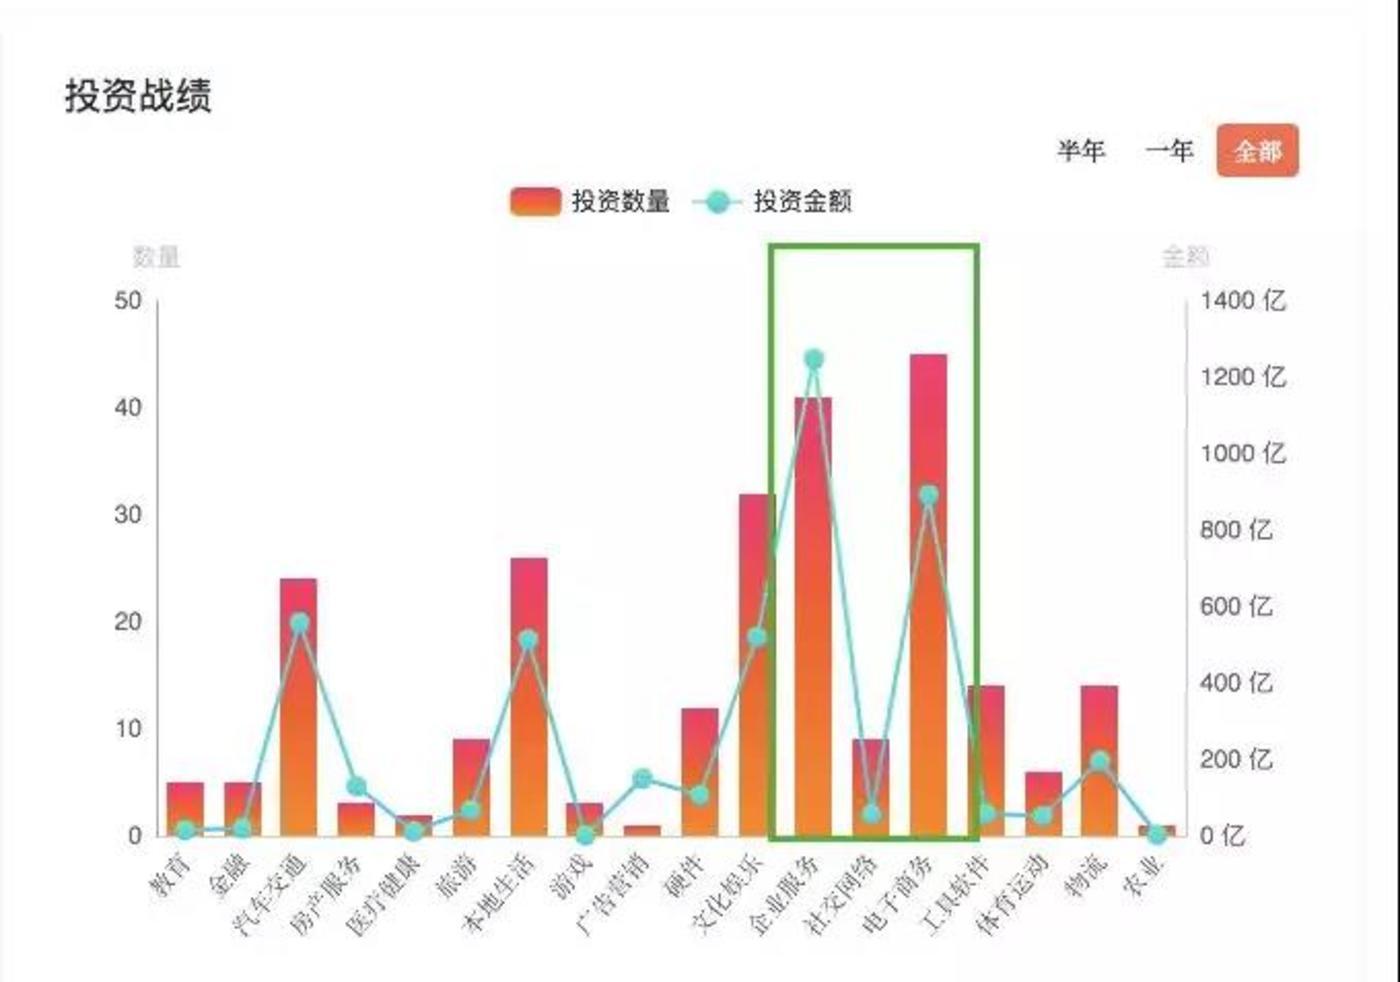 阿里巴巴投资战绩分布表 (不包括蚂蚁金服、云峰基金、eWPT)